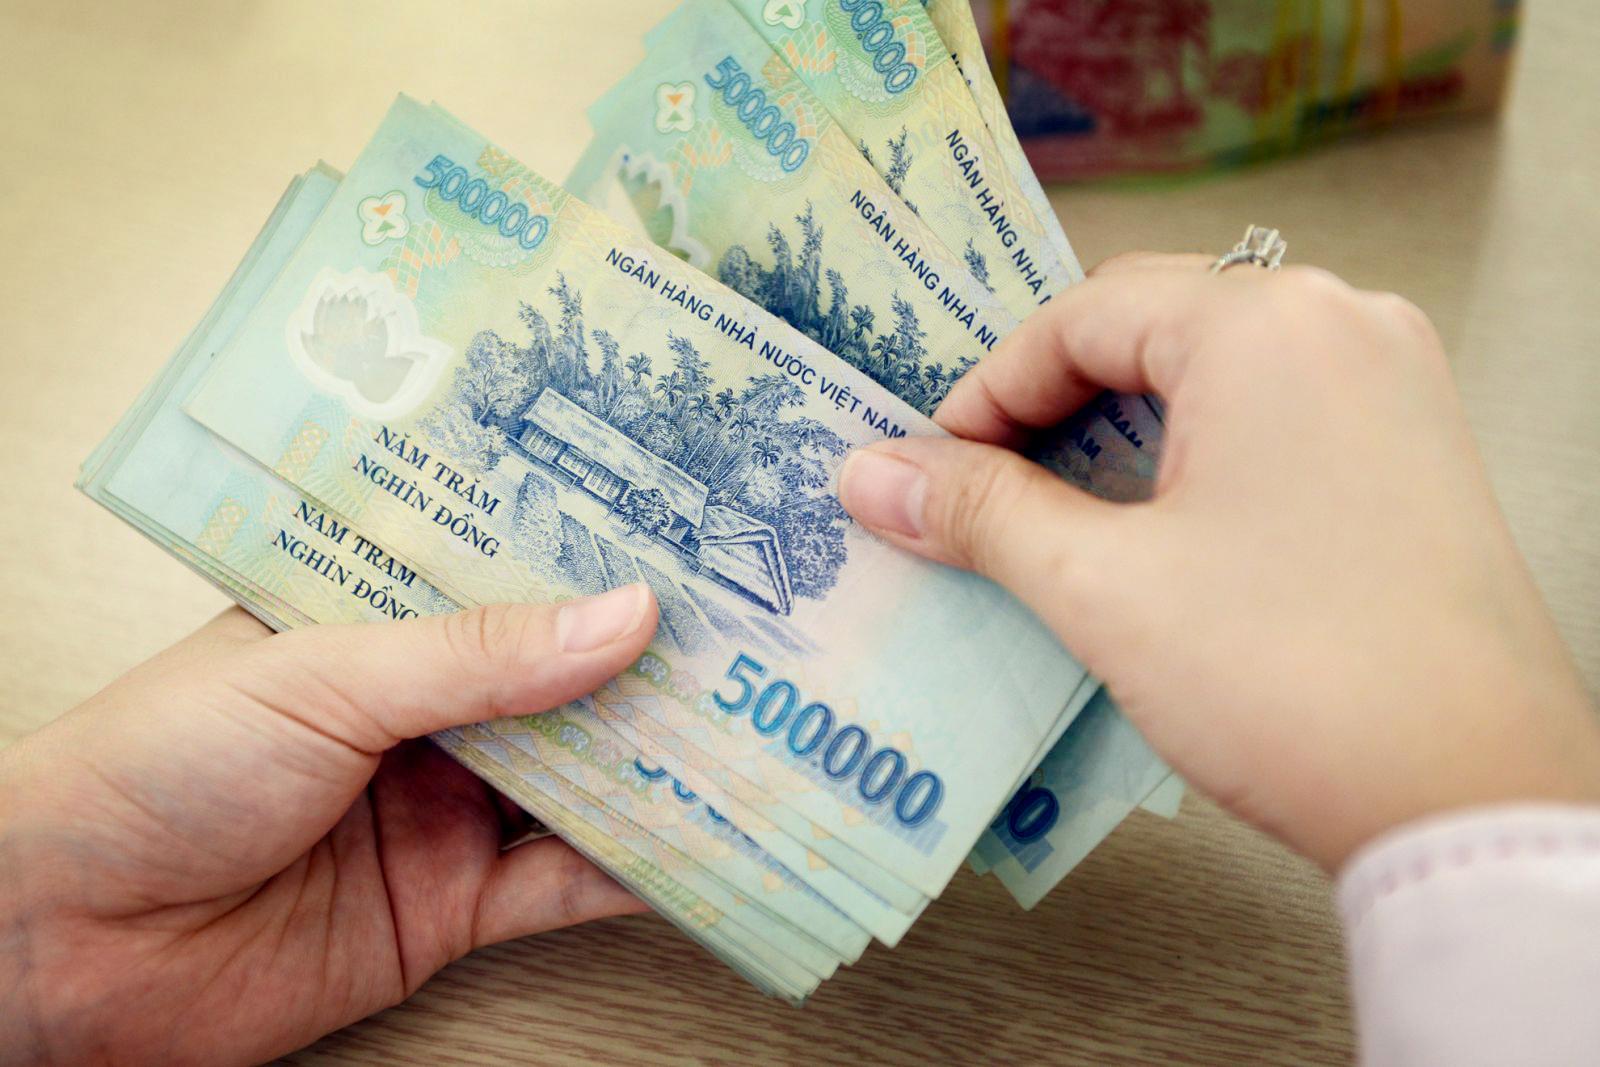 Mức lương kỷ lục người Việt nhận được trong quý 2 đạt 300 triệu đồng/tháng